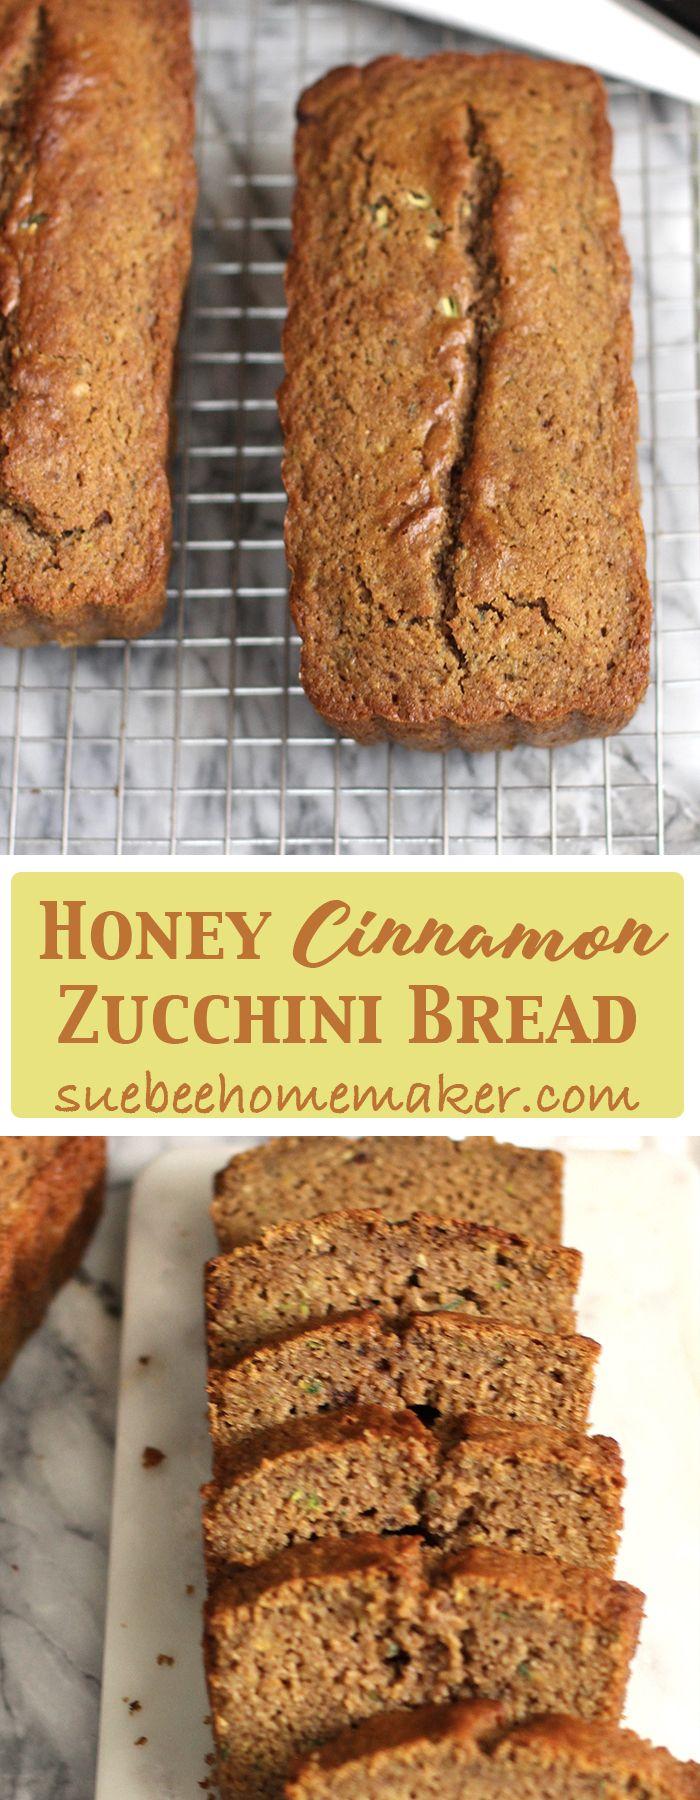 Honey Cinnamon Zucchini Bread uses zucchini to moisten a honey cinnamon flavored bread - to make the most interesting and delicious quick bread!